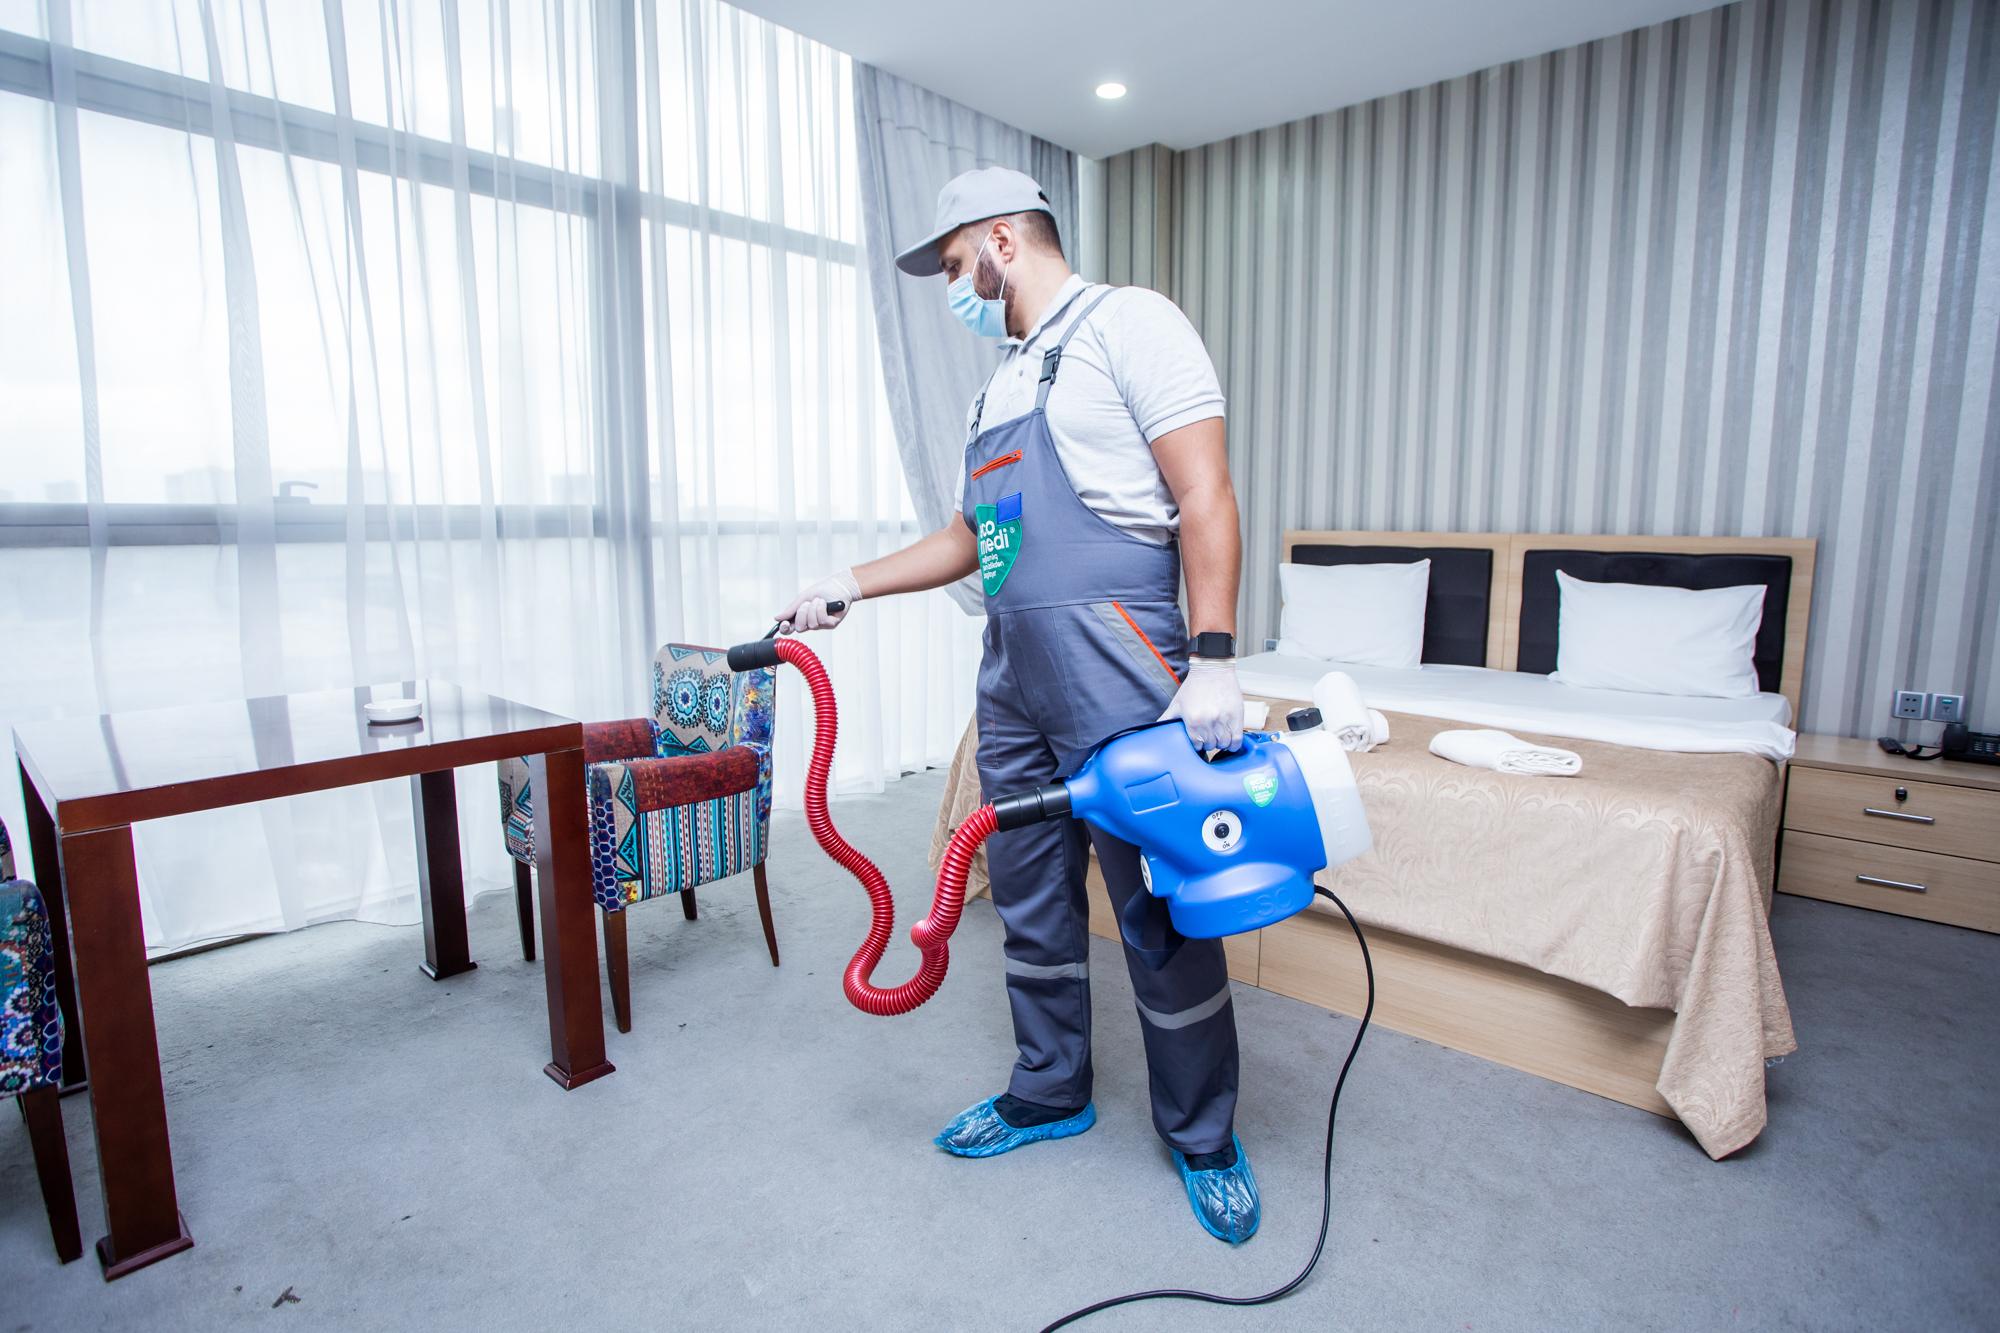 Secret Hotel - Sağlamlıq təmizlikdən başlayır - EcoMedi MMC dezinfeksiya, dezinseksiya, deratizasiya, fumiqasiya işlərinin həyata keçirilməsi üzrə qabaqcıl şirkətdir.